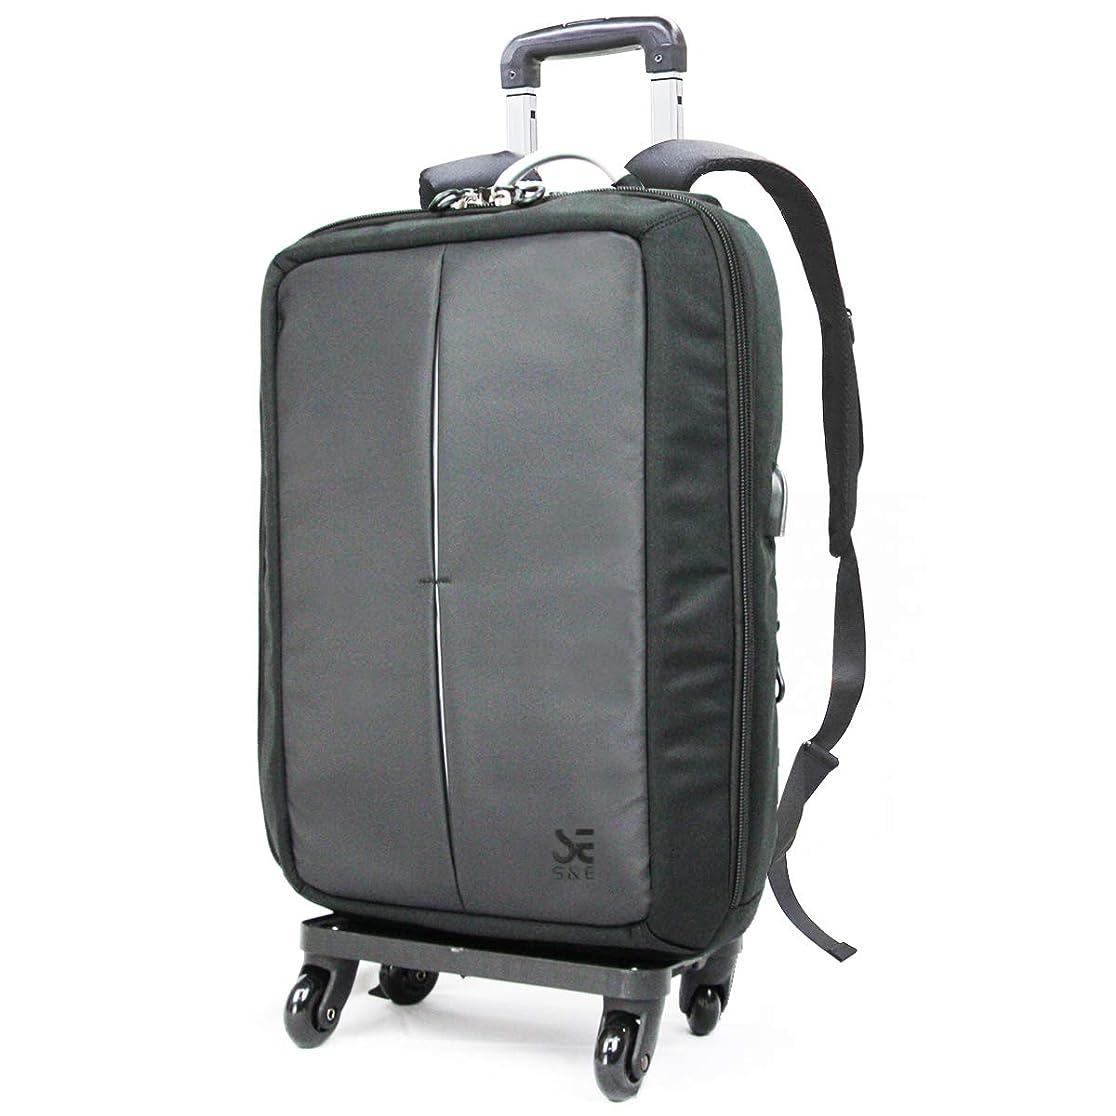 取り付けメニュー鳴らすS&E リュック スーツケース キャリーバッグ 2WAY 軽量 旅行 バックパック 4輪 USB 充電 バッグ スーツ 通勤 ショッピングキャリー ビジネス